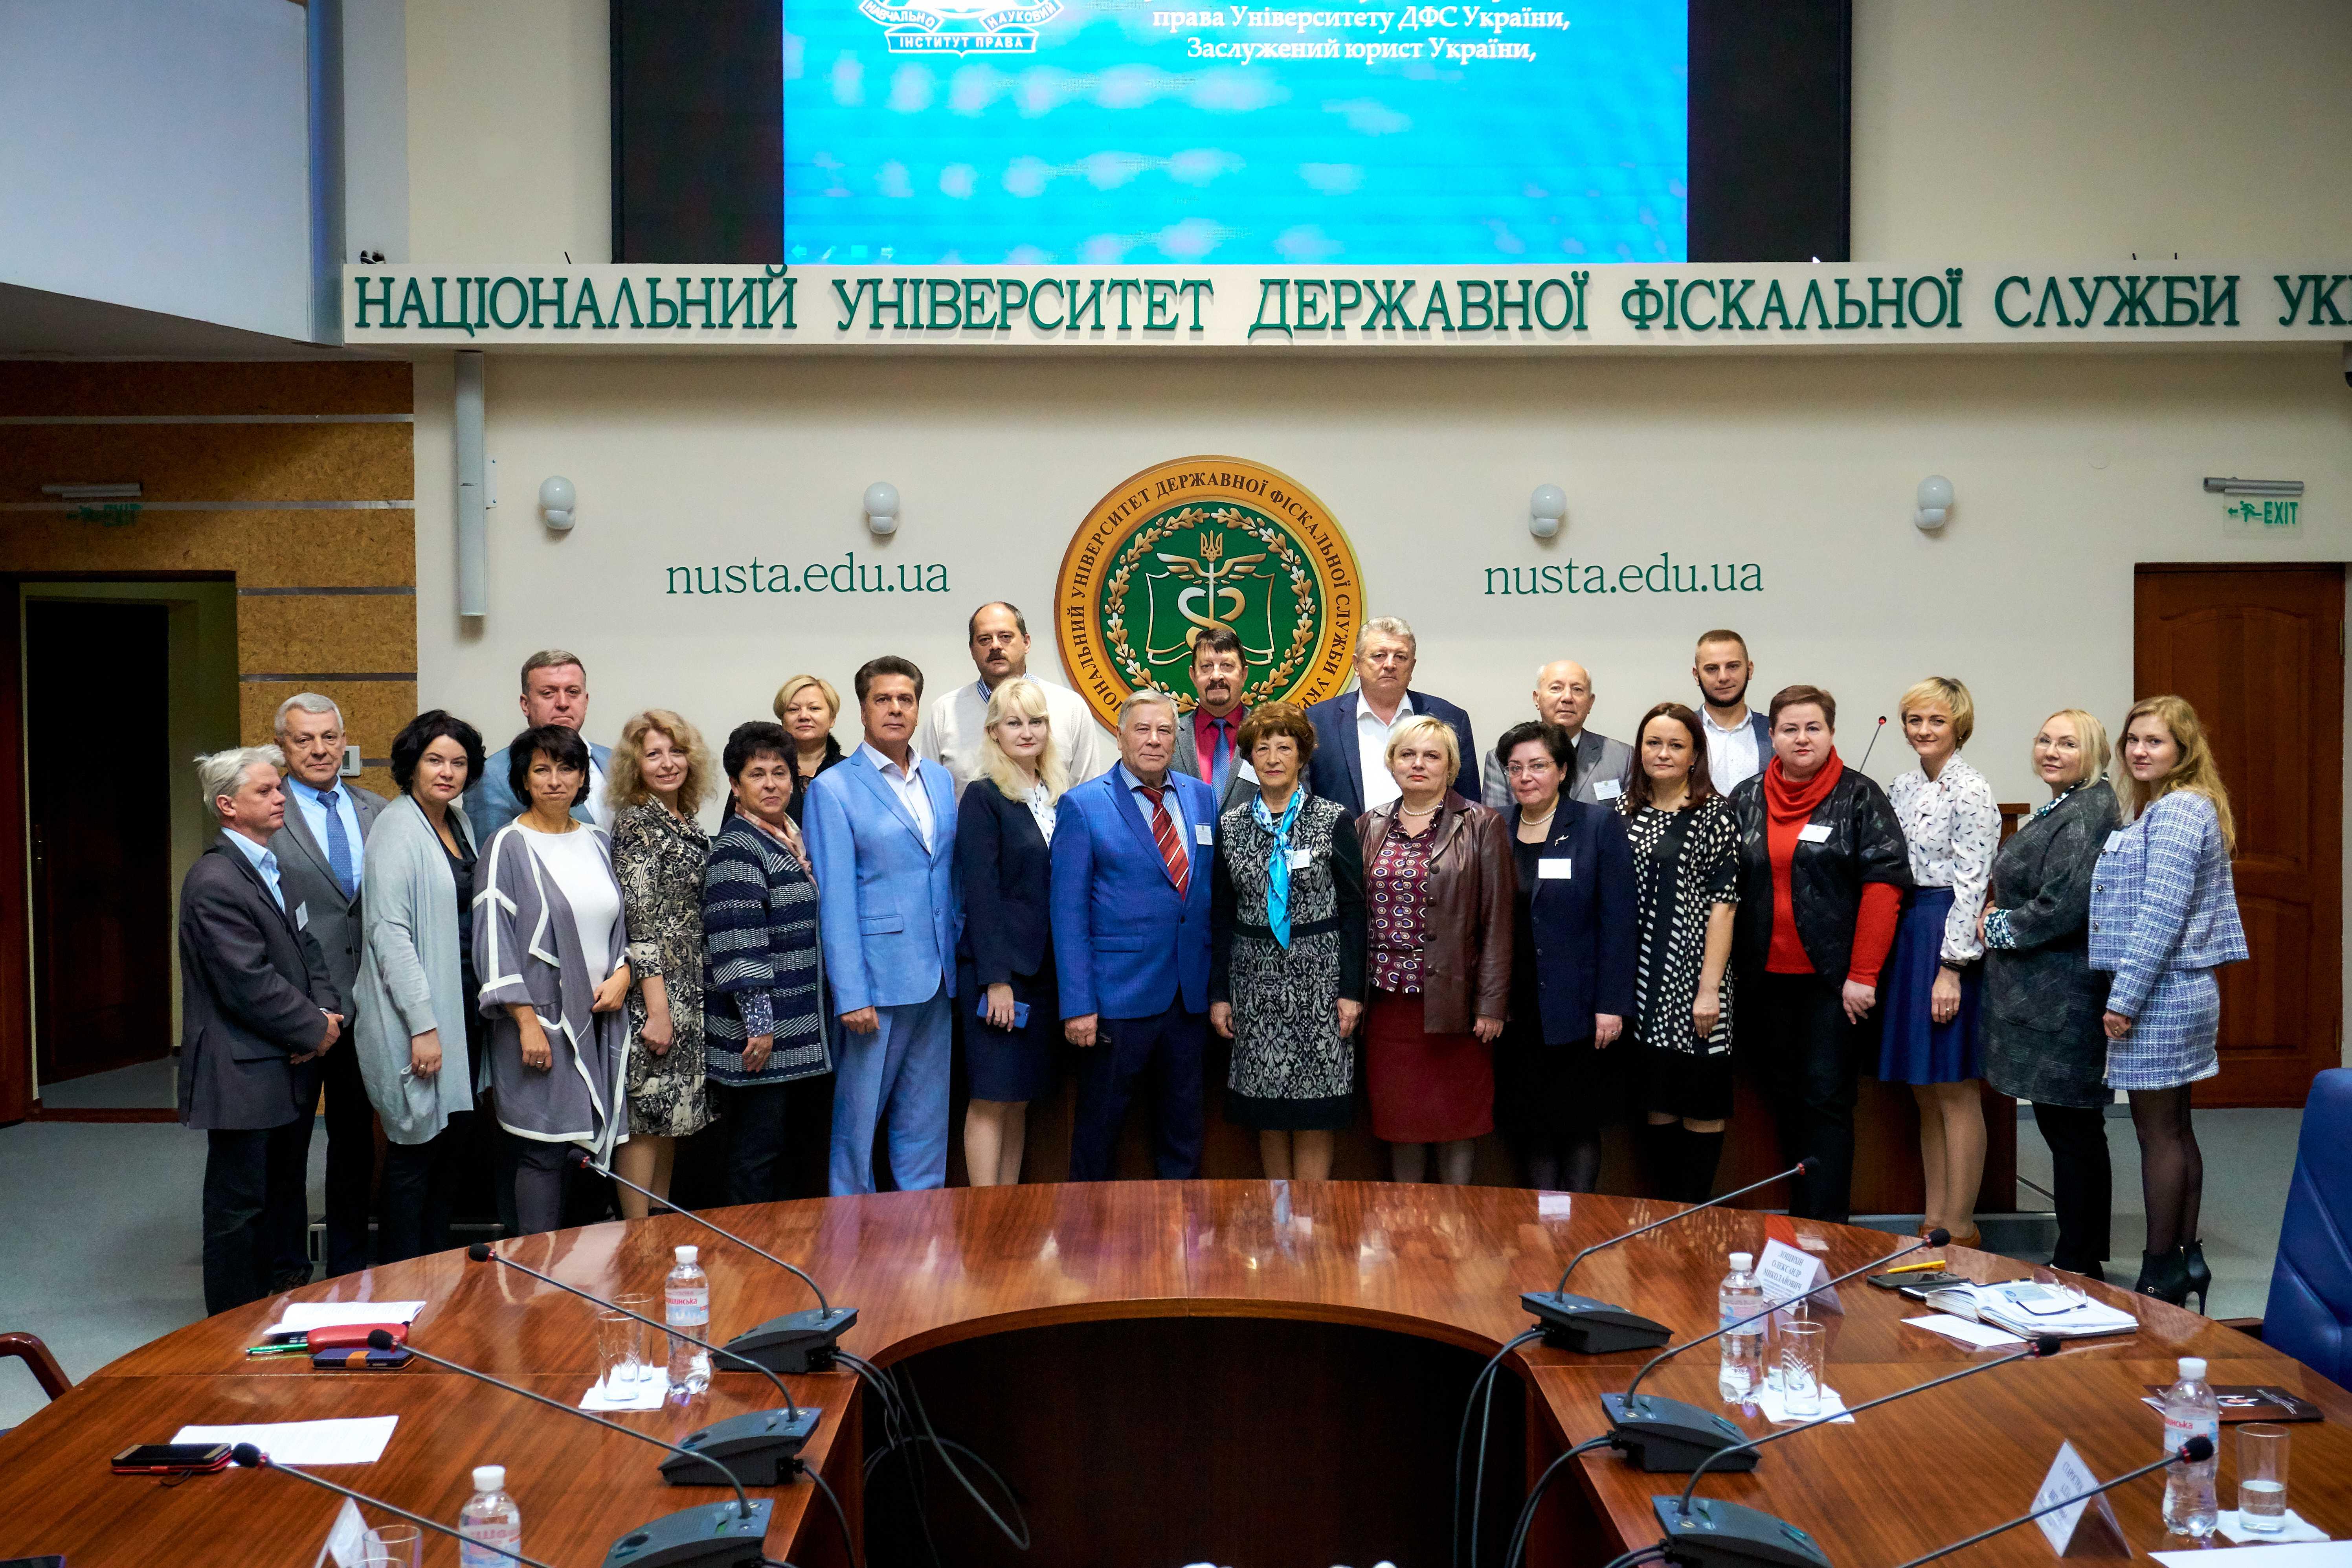 Відбулися Всеукраїнські науково-практичні читання, присвячені пам'яті Ніни Нижник